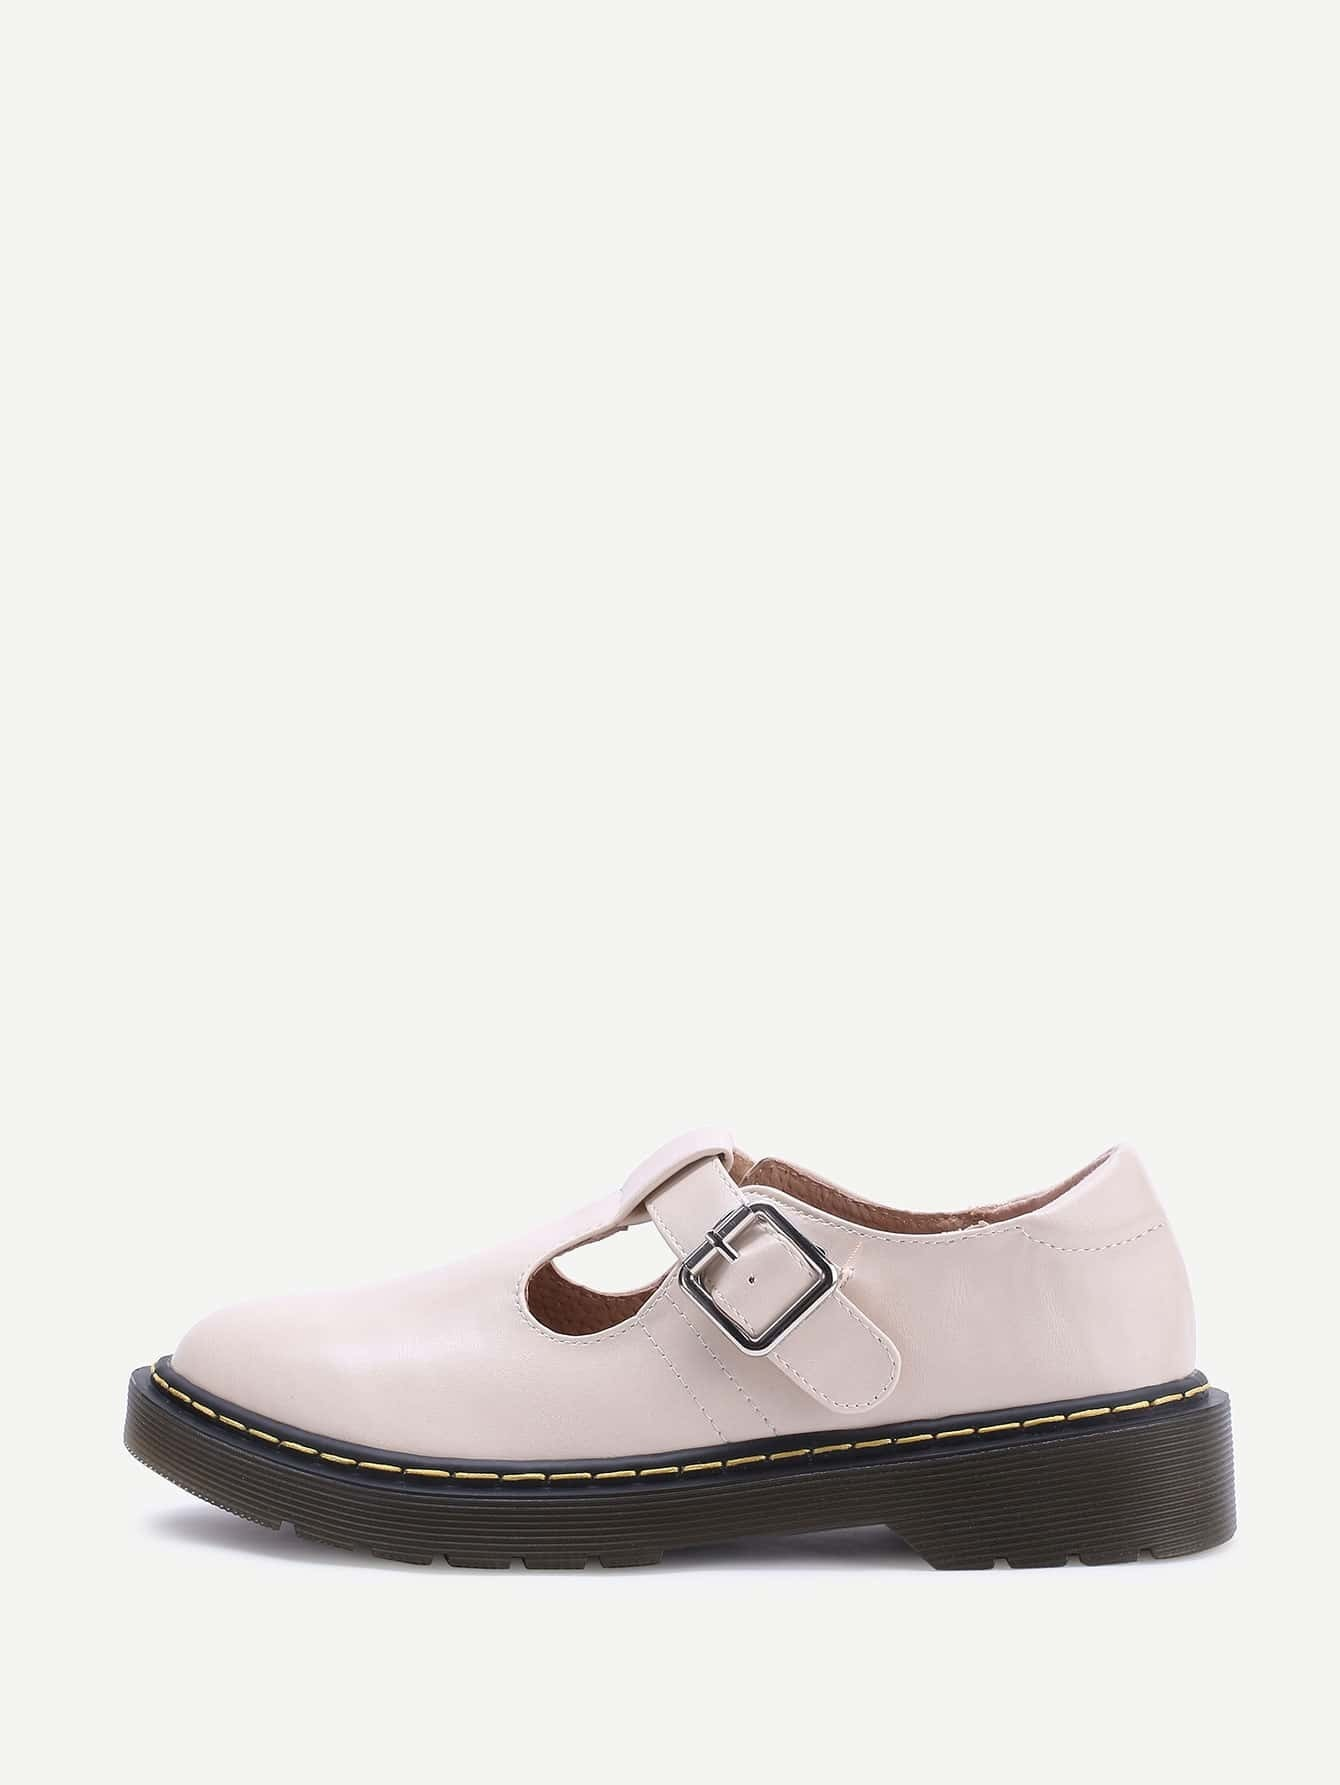 shoes170221805_2